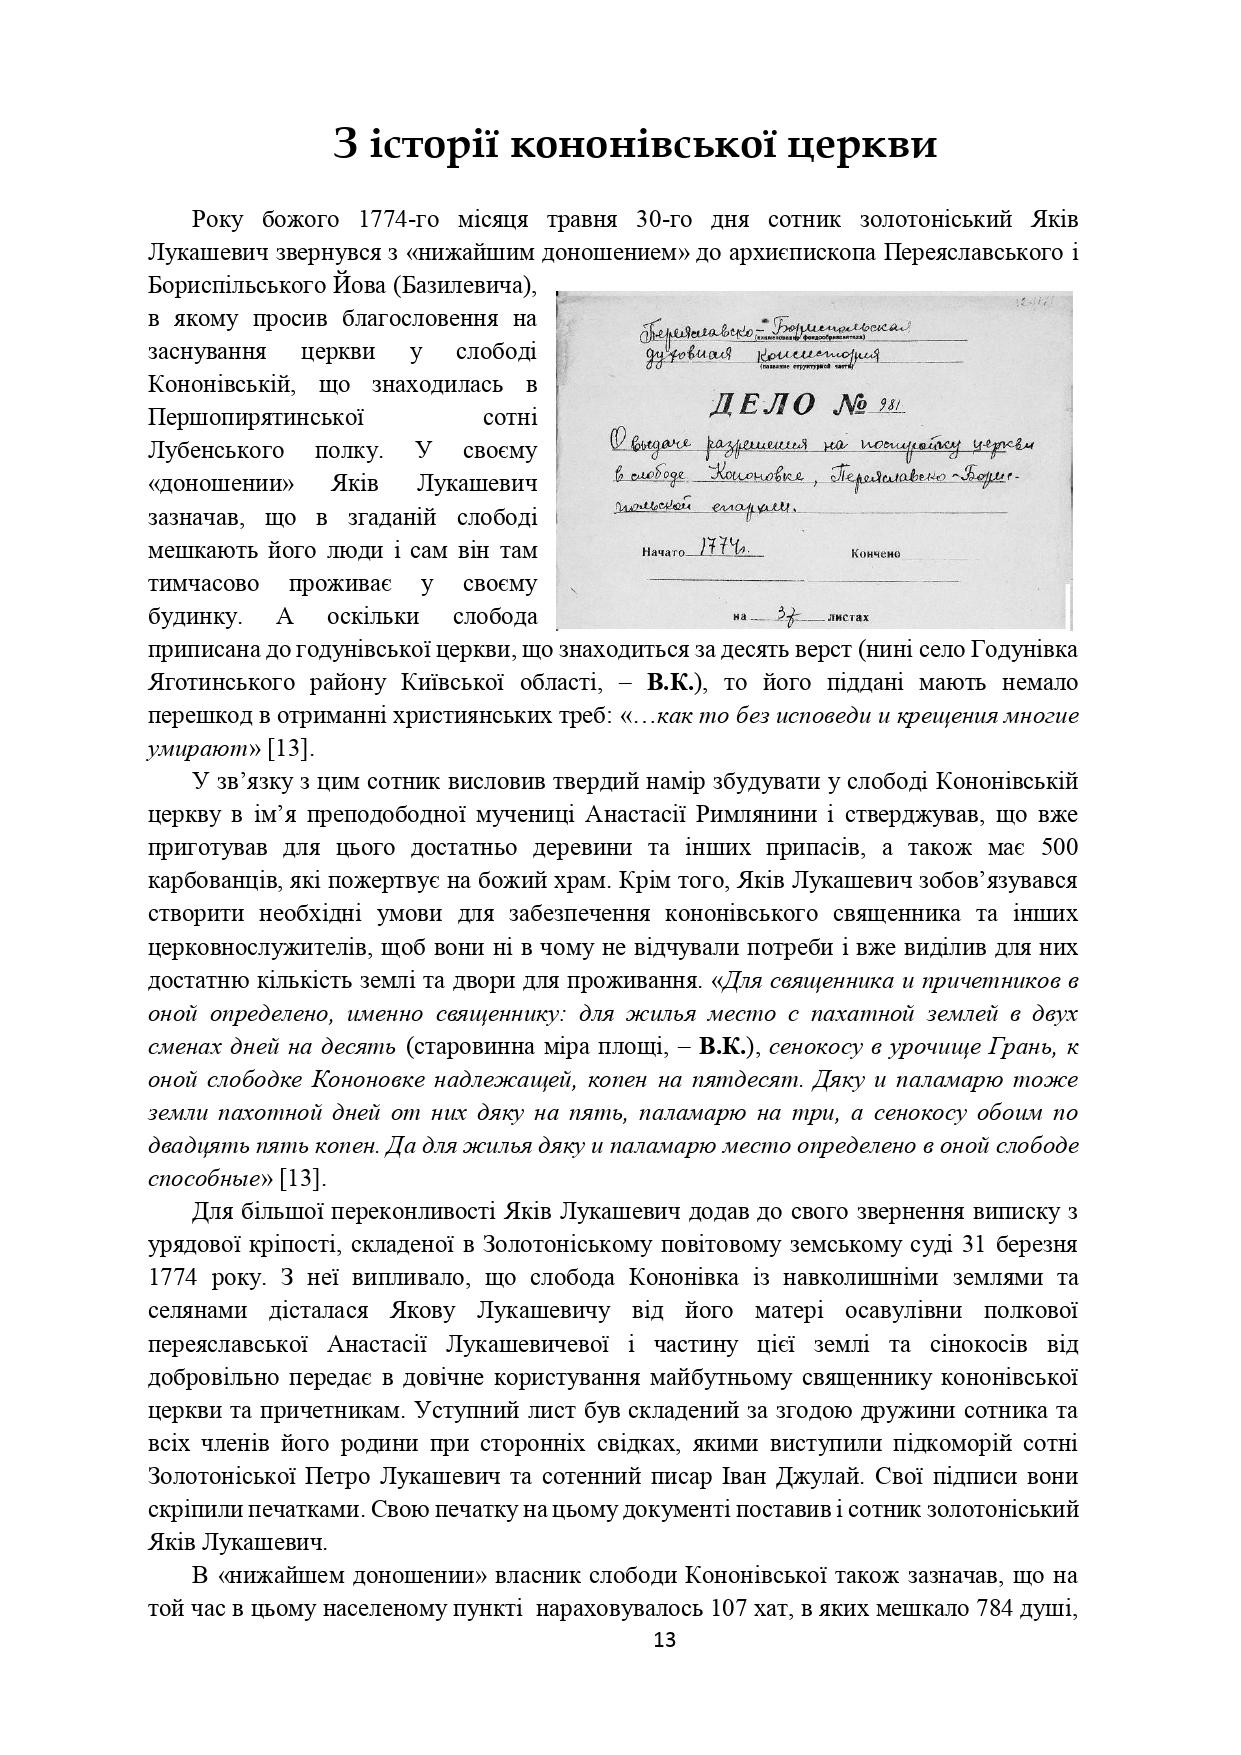 ІСТОРІЯ СЕЛА КОНОНІВКА 2021 (1)_page-0013